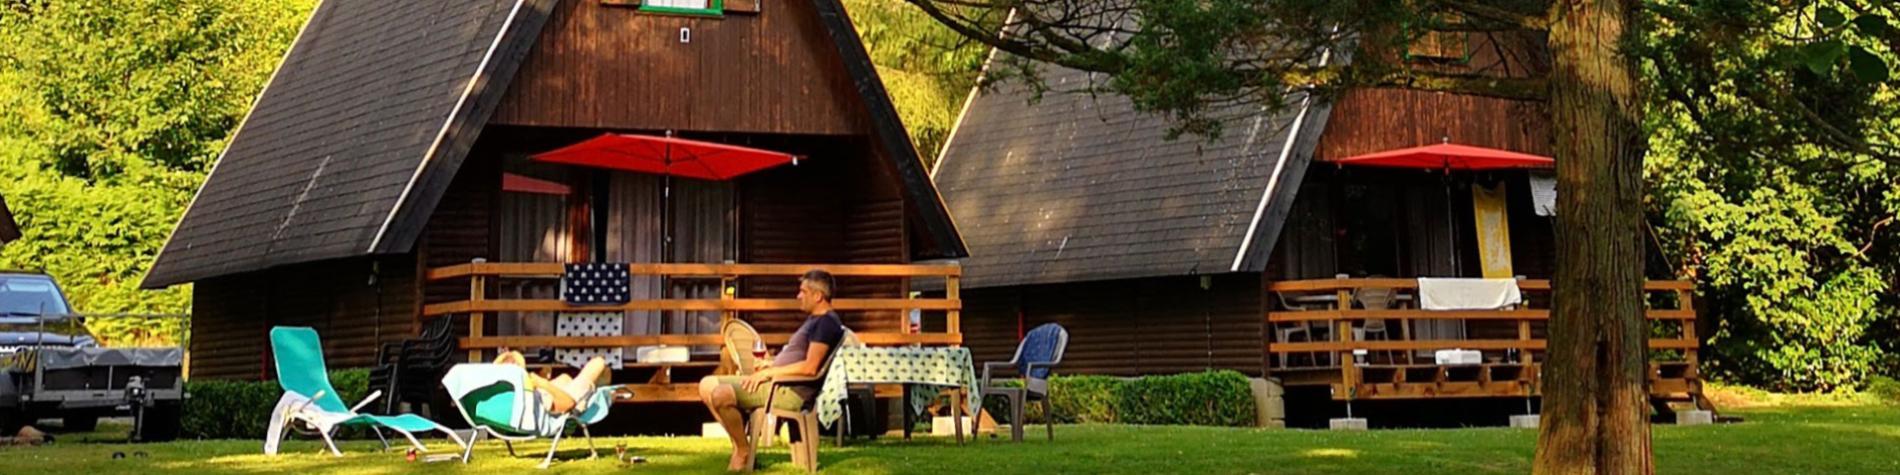 Meublé de vacances - Le Printemps - Chalet - Bohan